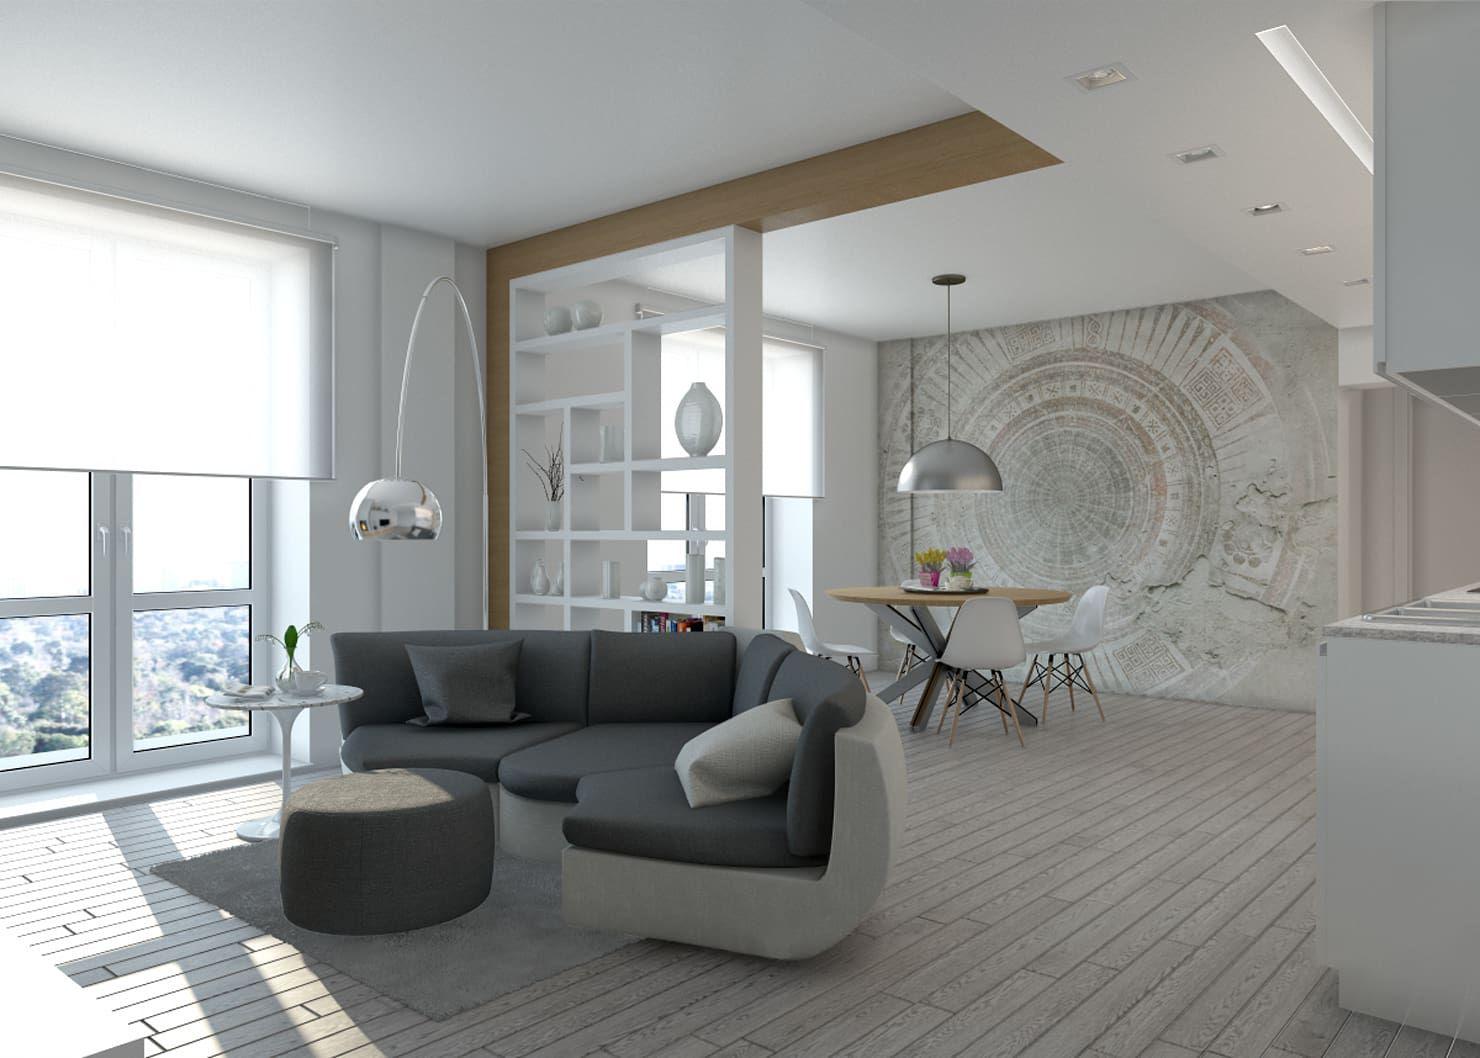 14 Ideen für ein graues Wohnzimmer, das neidisch macht